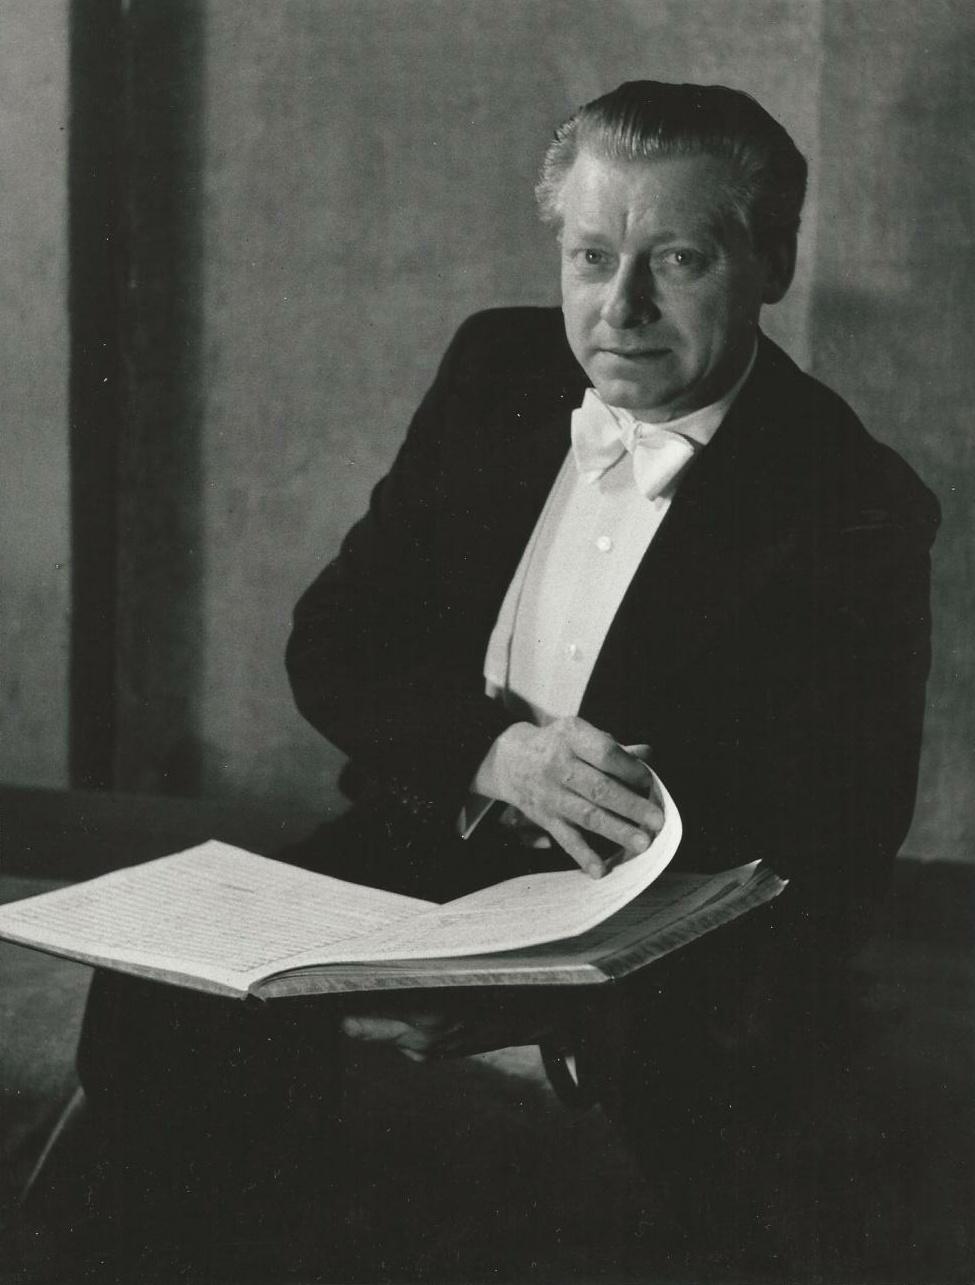 Portrait de Hans SCHMIDT-ISSERSTEDT fait par Fritz ESCHER, cliquer pour une vue agrandie